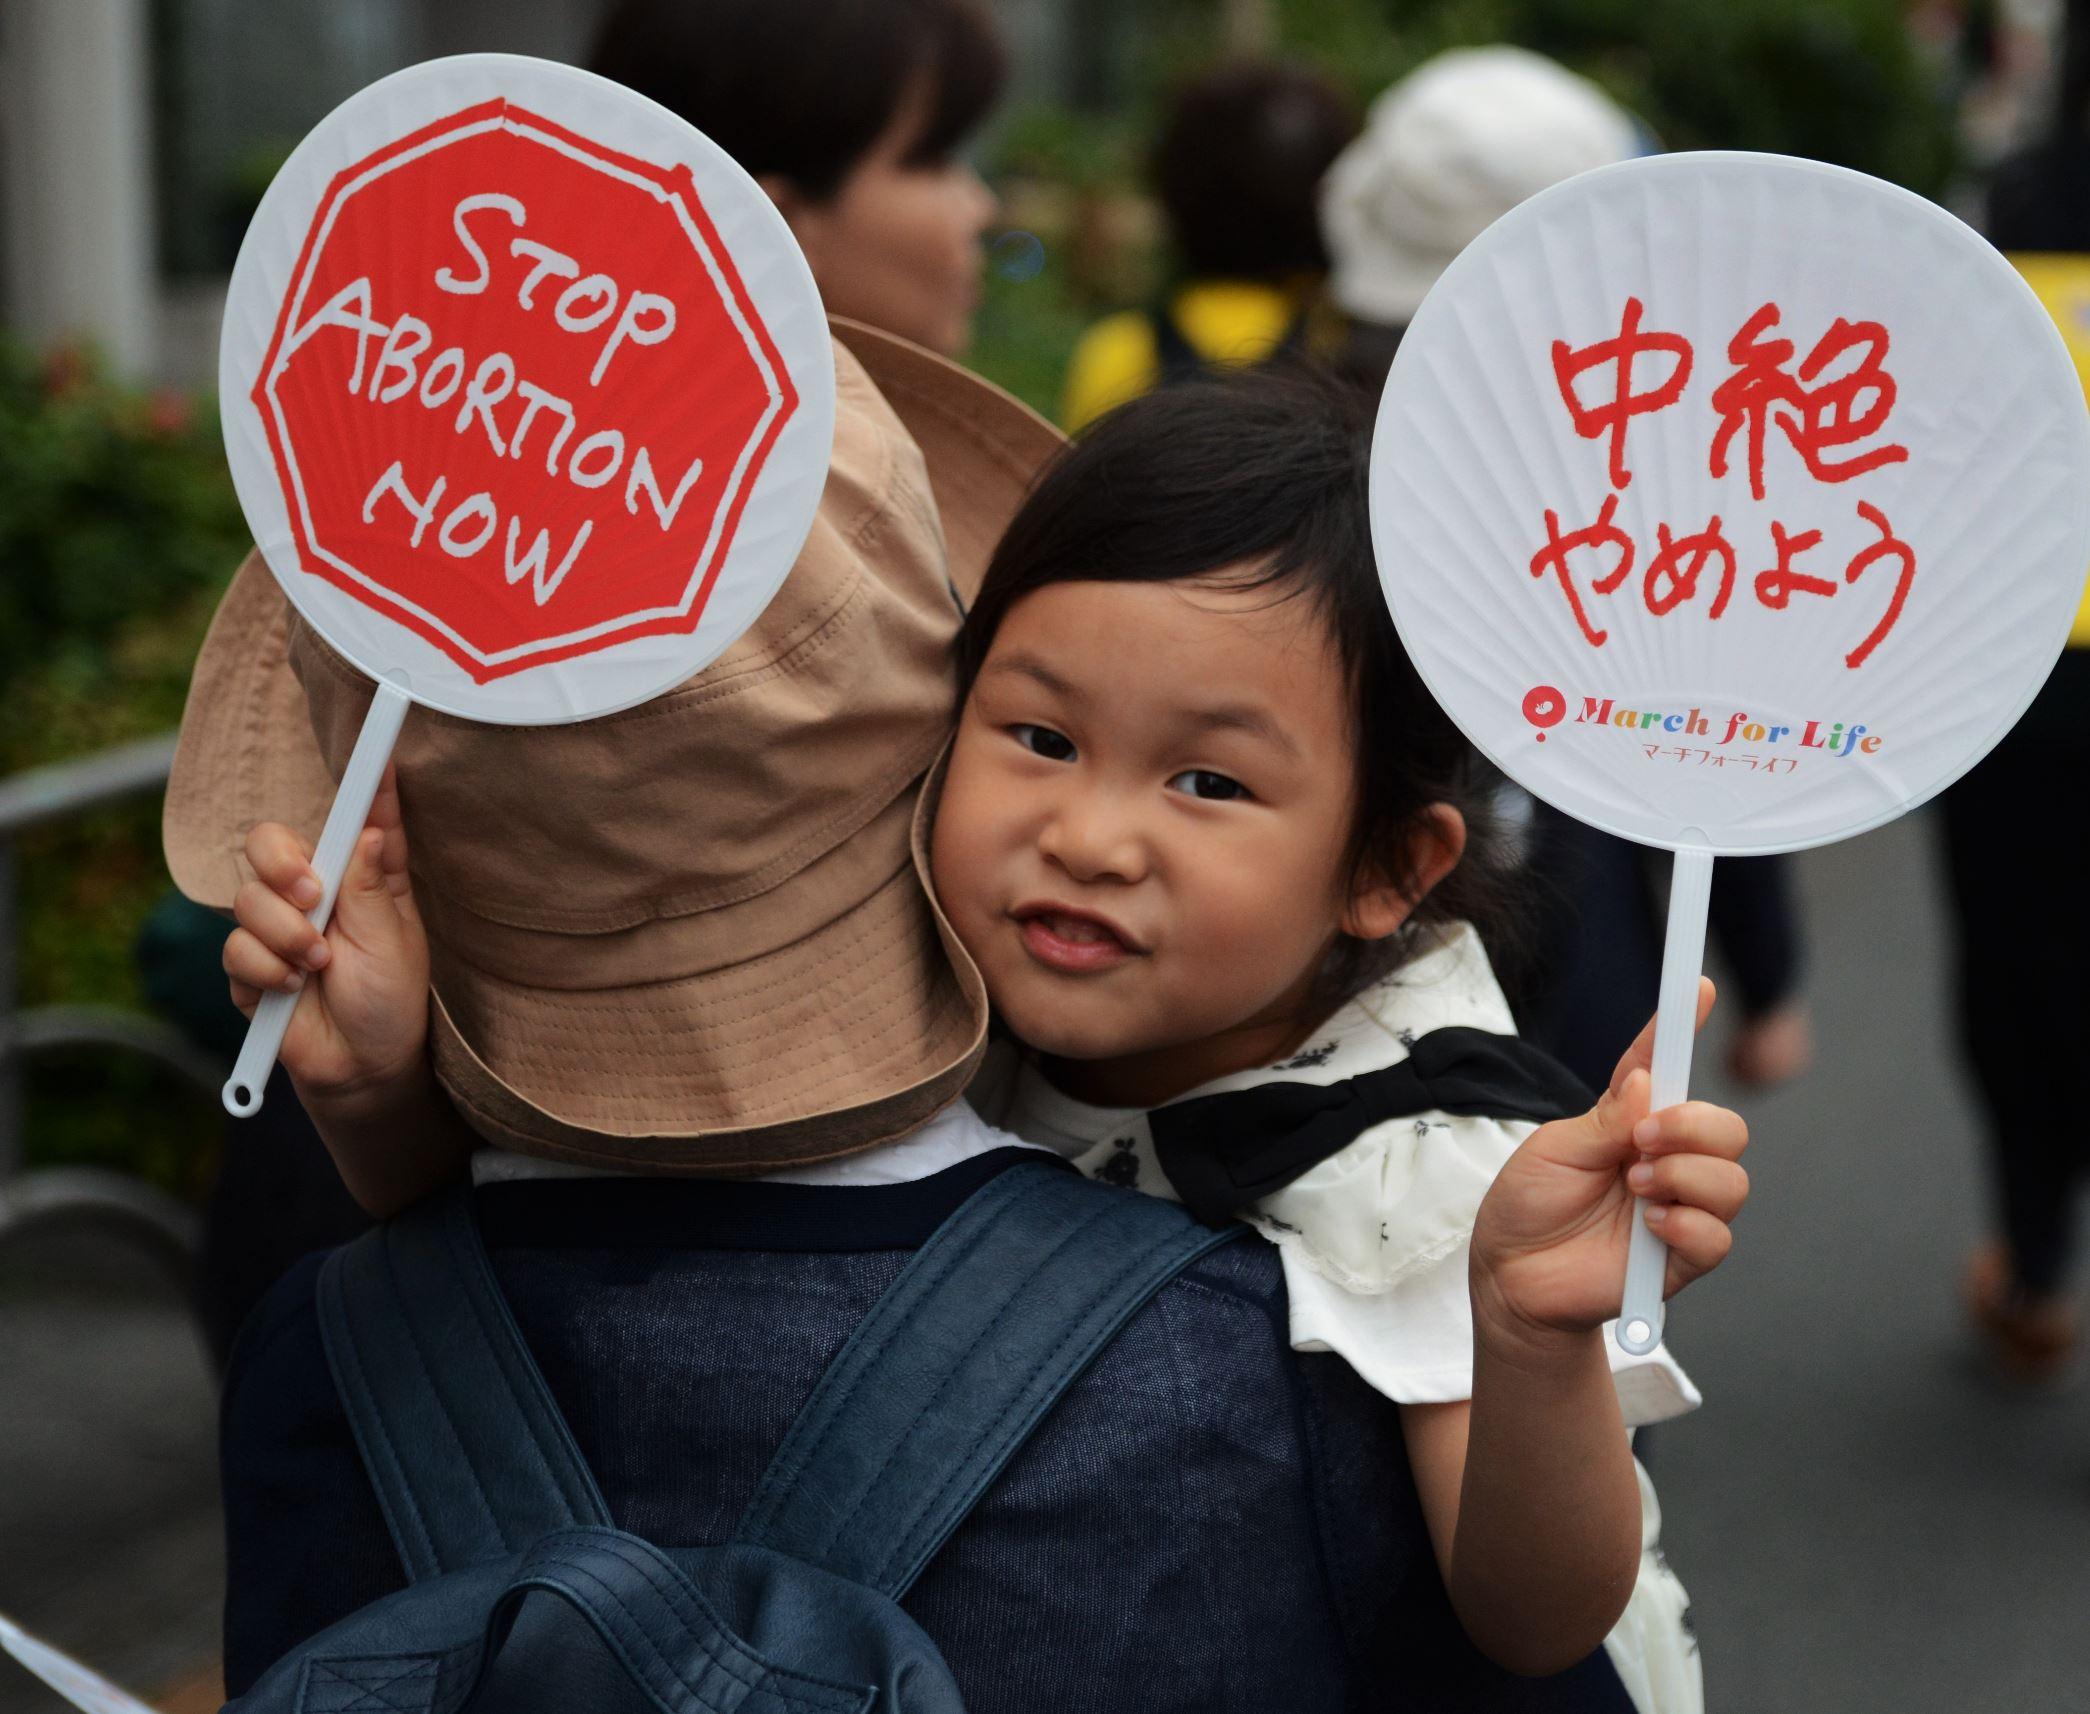 walter matt japan march for life 2019